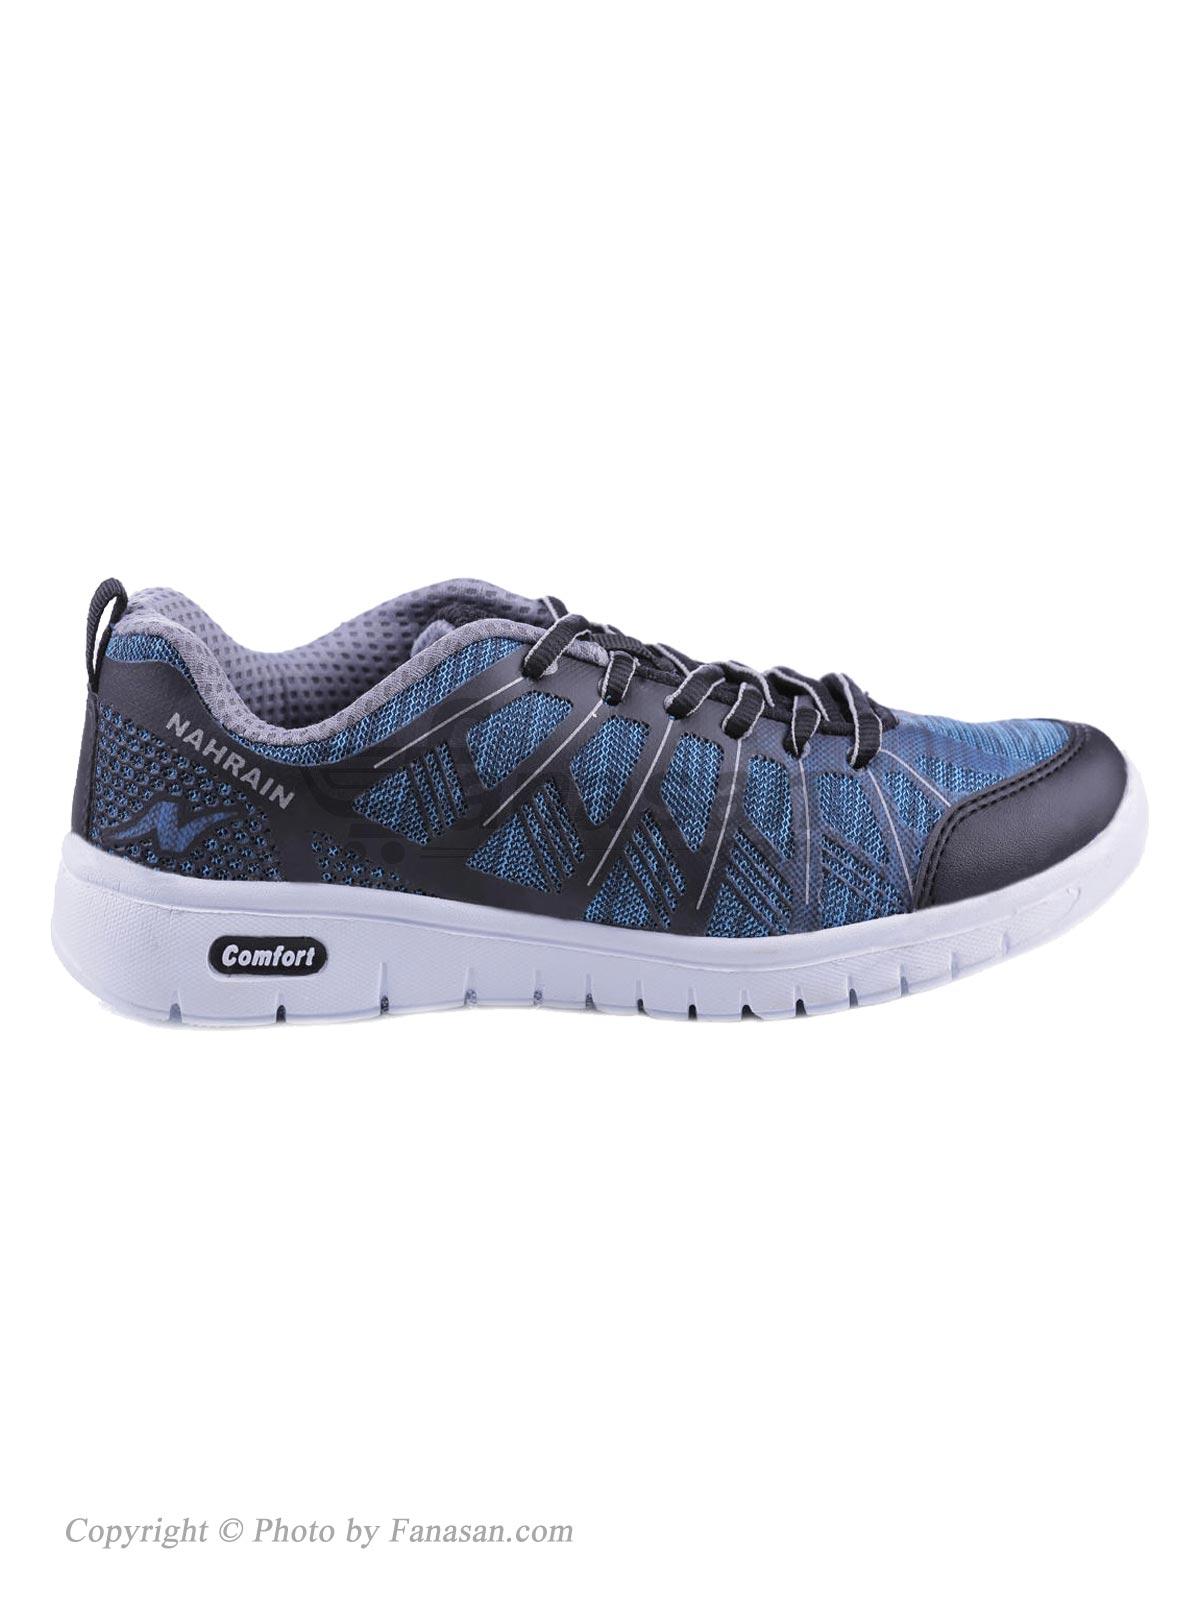 کفش زنانه نهرین مخصوص دویدن و پیاده روی مدل هما آبی مشکی سایز 39